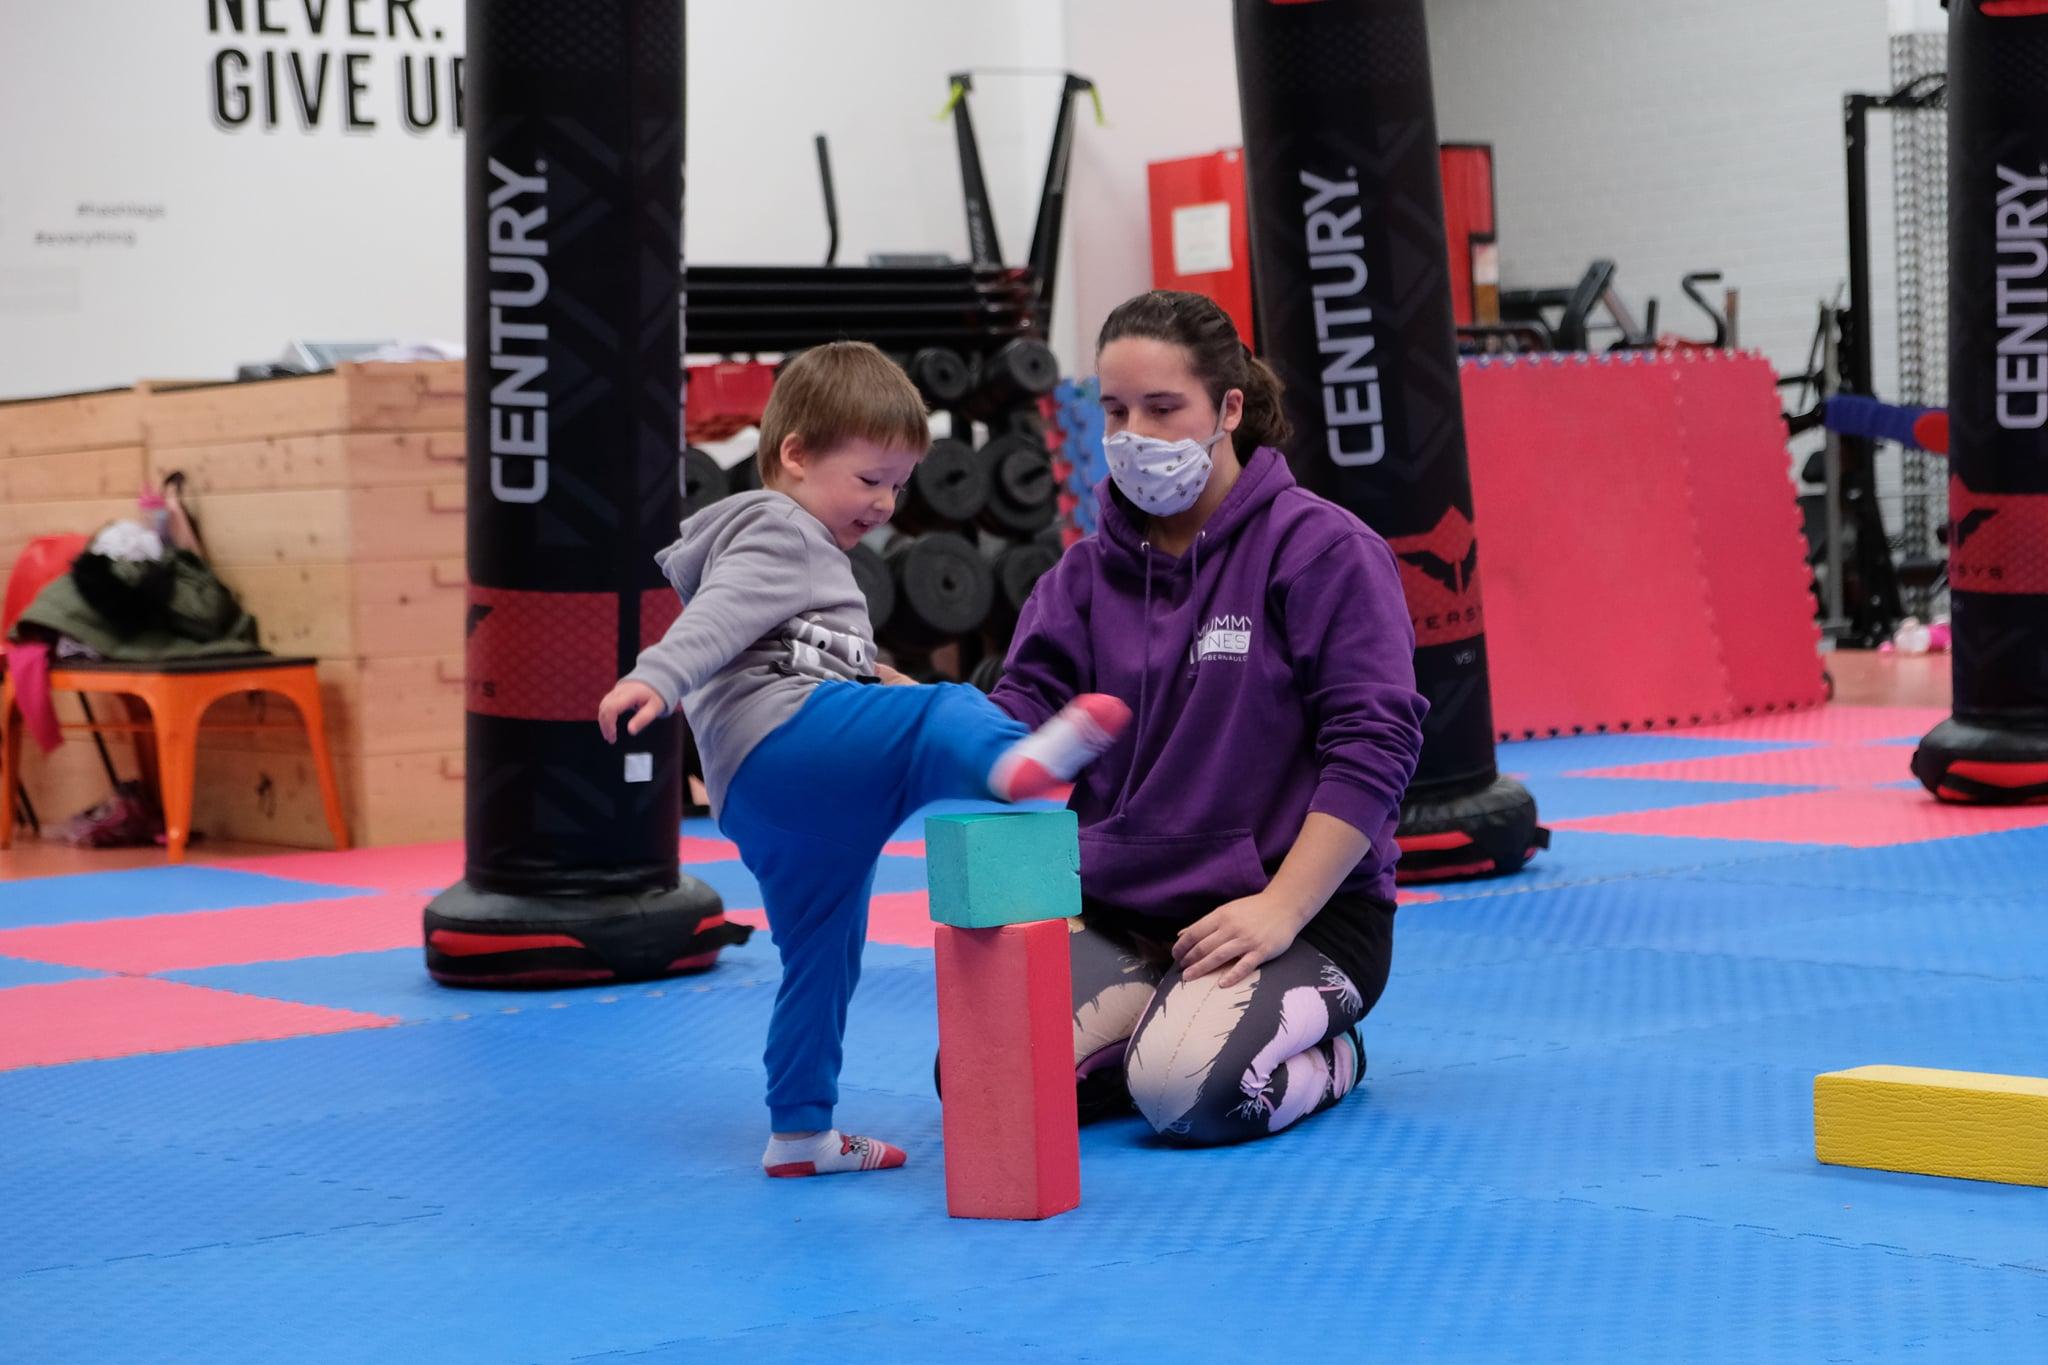 totkwondo-membership